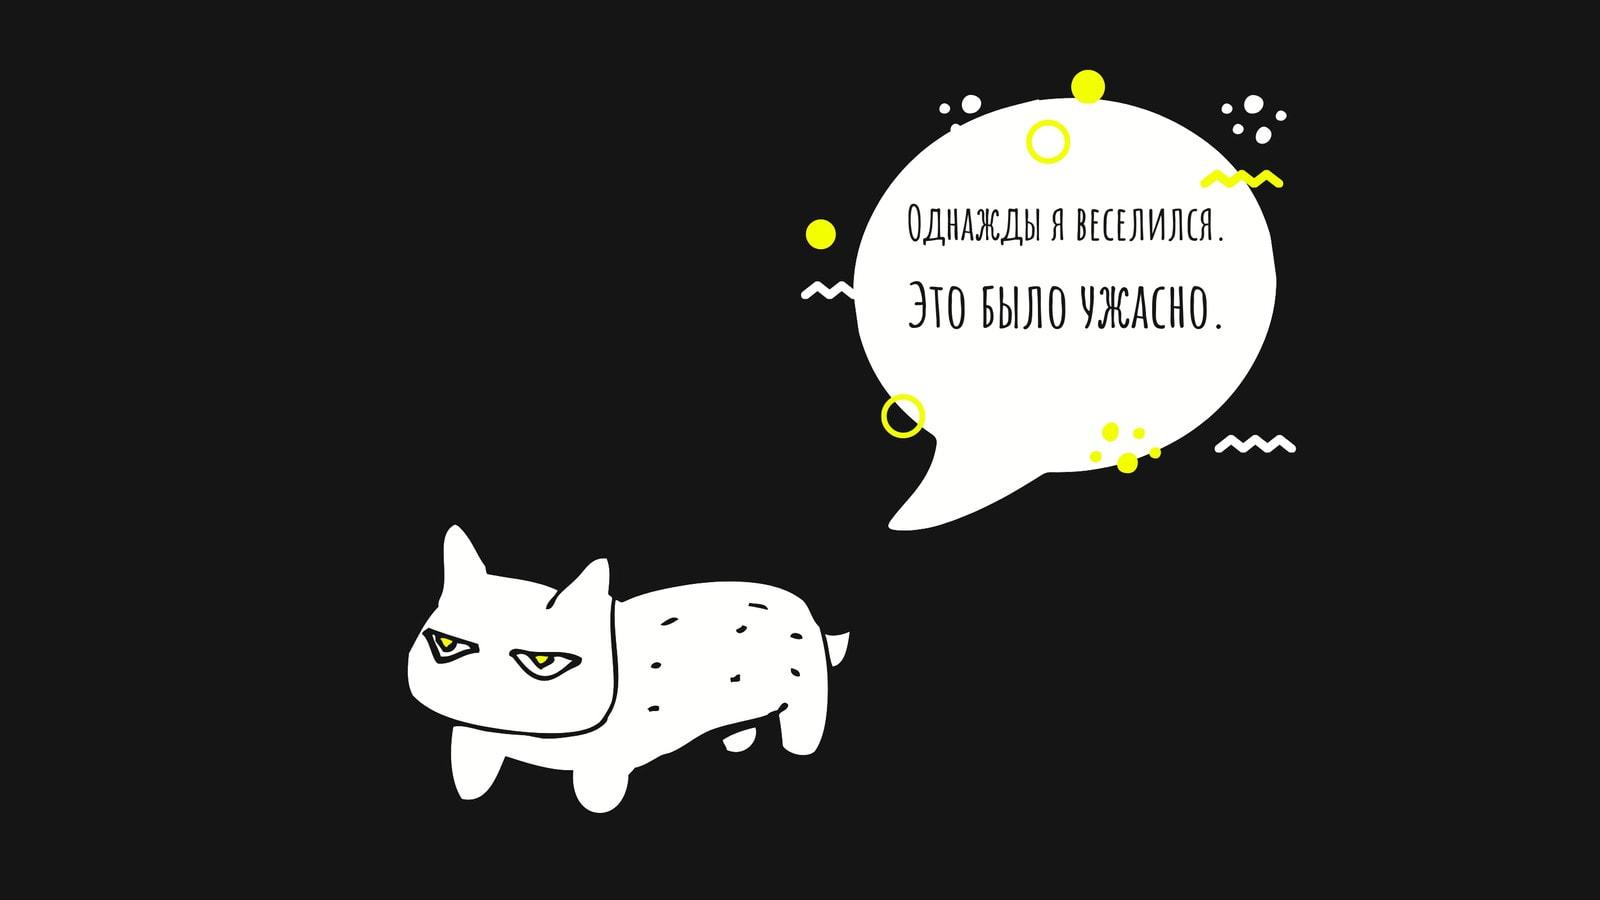 Черный Простой Grumpy Cat Иллюстрация Смешной Рабочий Стол Обои